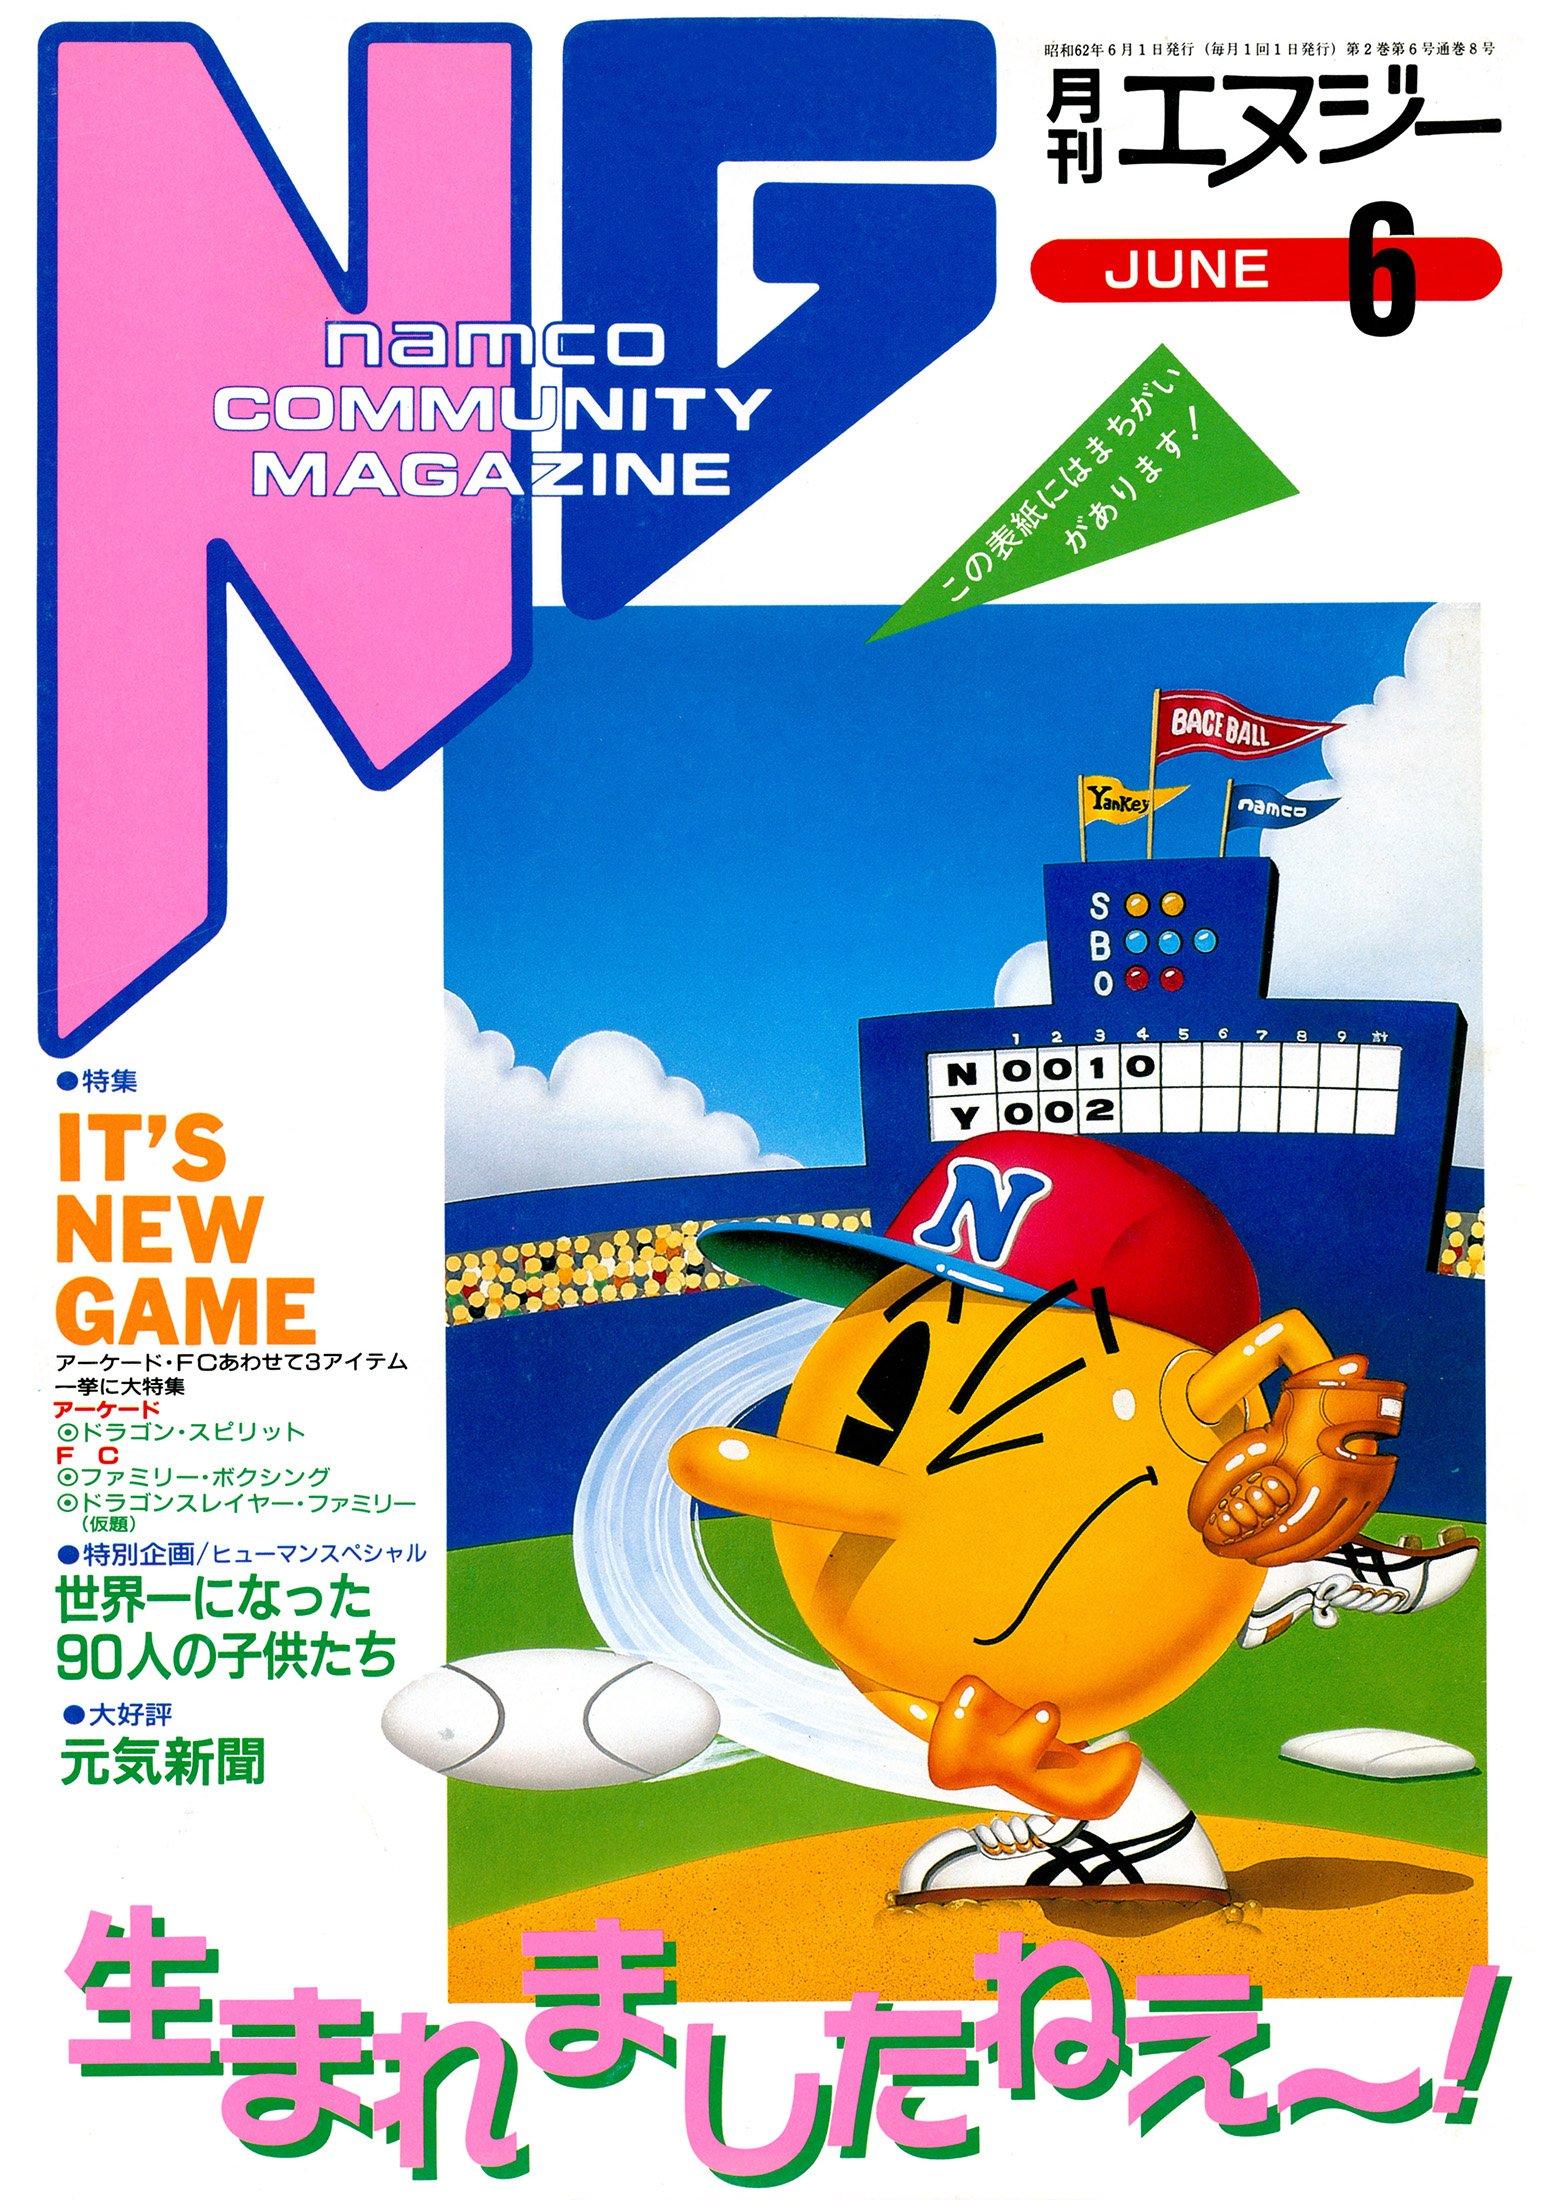 NG Namco Community Magazine Issue 08 (June 1987)